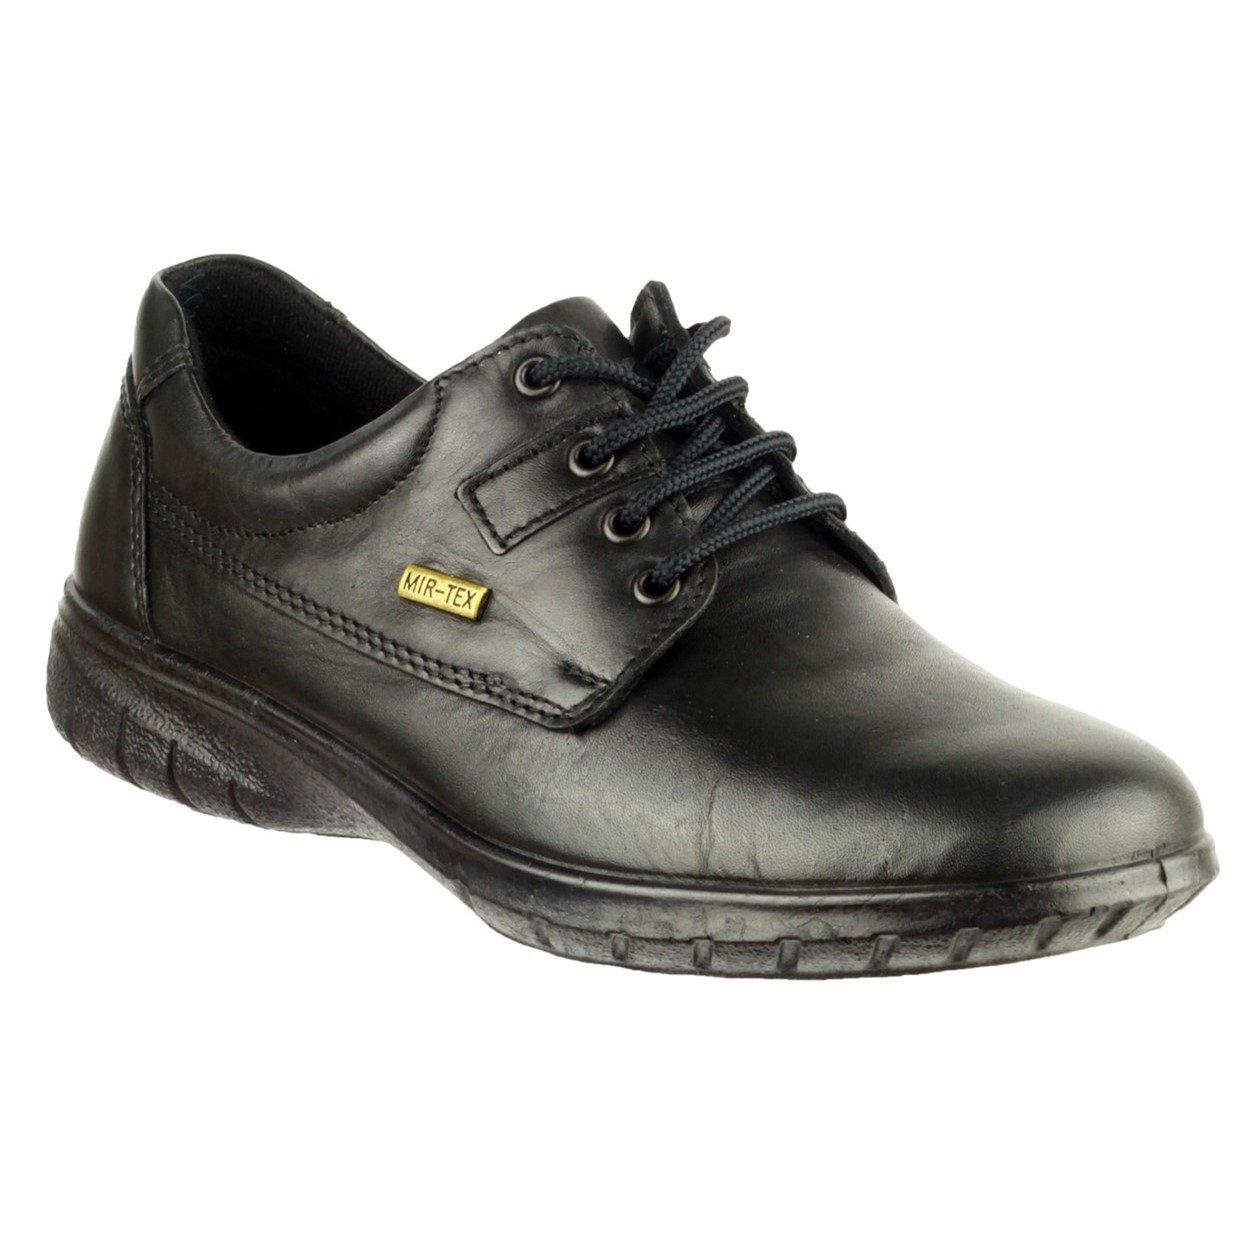 Cotswold Women's Ruscombe Waterproof Shoe Black 32982 - Black 3